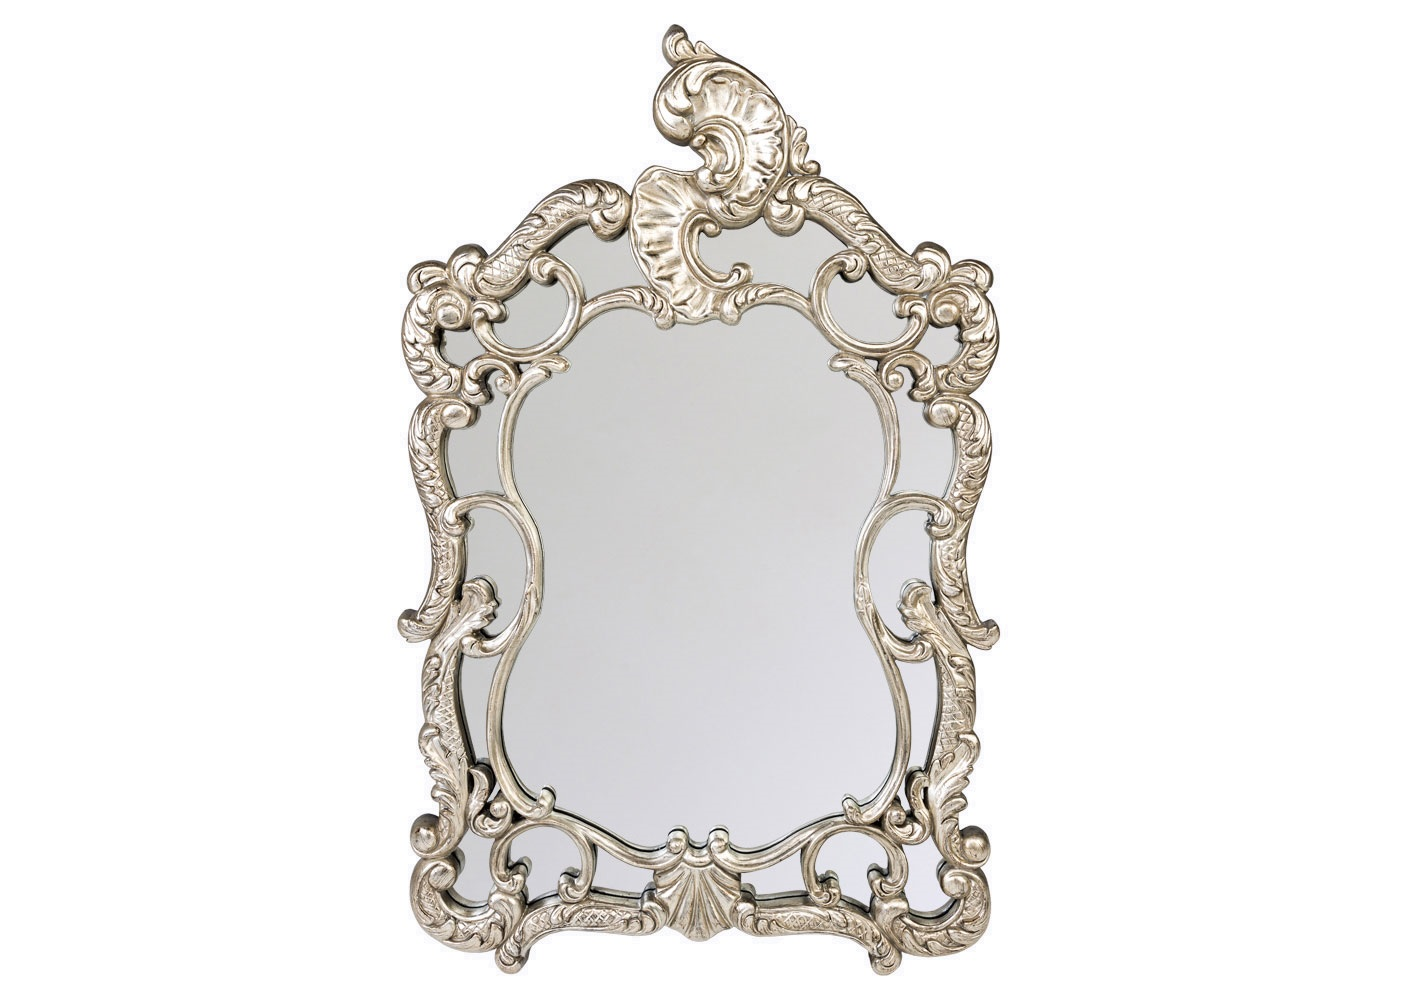 Настенное зеркало КардиналеНастенные зеркала<br>Дворцовый статус зеркала &amp;quot;Кардинале&amp;quot; подчеркнут его величественной формой, напоминающей древний дворянский герб. Являясь прямым наследником классического ренессанса, зеркало &amp;quot;Кардинале&amp;quot; не чуждо интерьерам в жанрах ампира, рококо, барокко, романского стиля,  &amp;quot;ар-деко&amp;quot;.<br>Зеркало покрыто серебряной амальгамой, имеет толщину 5 мм. Рама изготовлена из полиуретана. Полиуретан достоверно имитирует любые материалы. На первый взгляд оправа зеркала &amp;quot;Кардинале&amp;quot; не отличается от металлической.<br><br>Material: Полиуретан<br>Width см: 88<br>Depth см: 6.5<br>Height см: 135